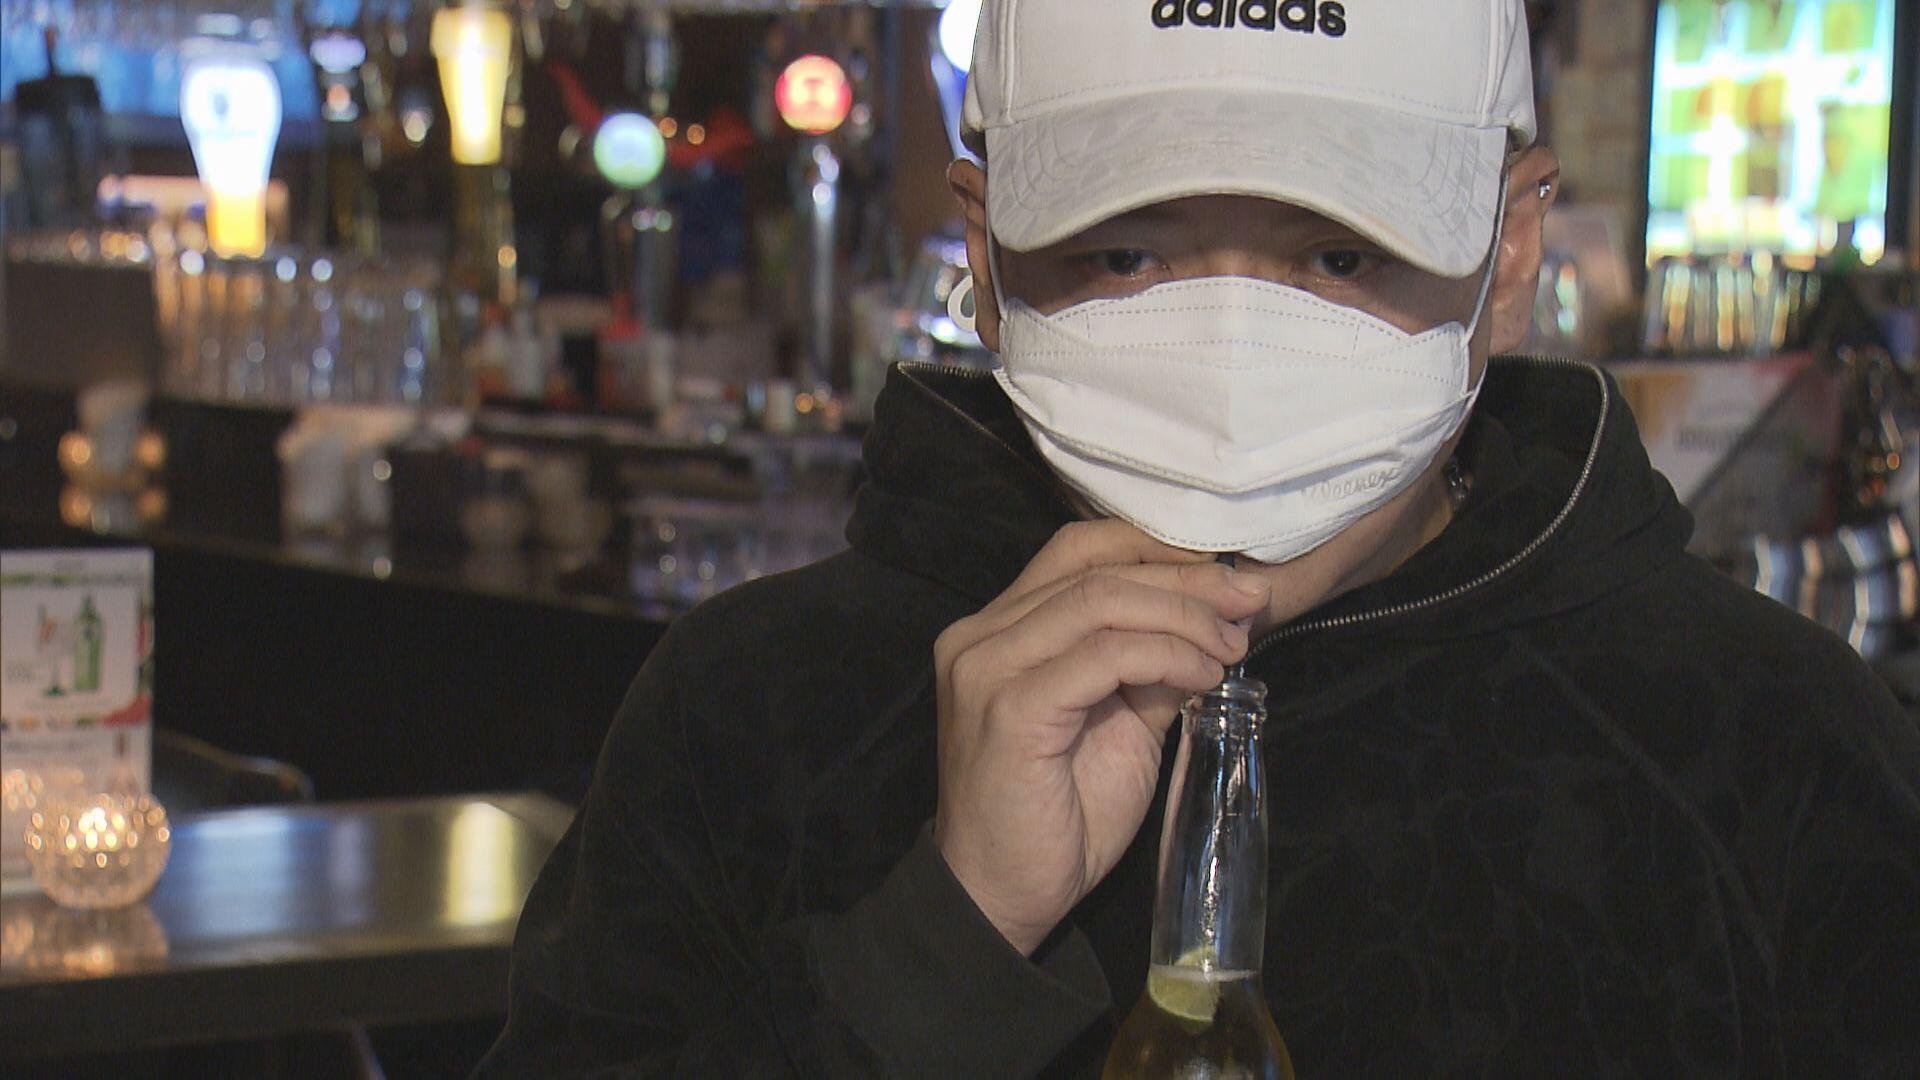 酒吧業界:可以接受用飲管飲酒 但非每種酒精飲品適合